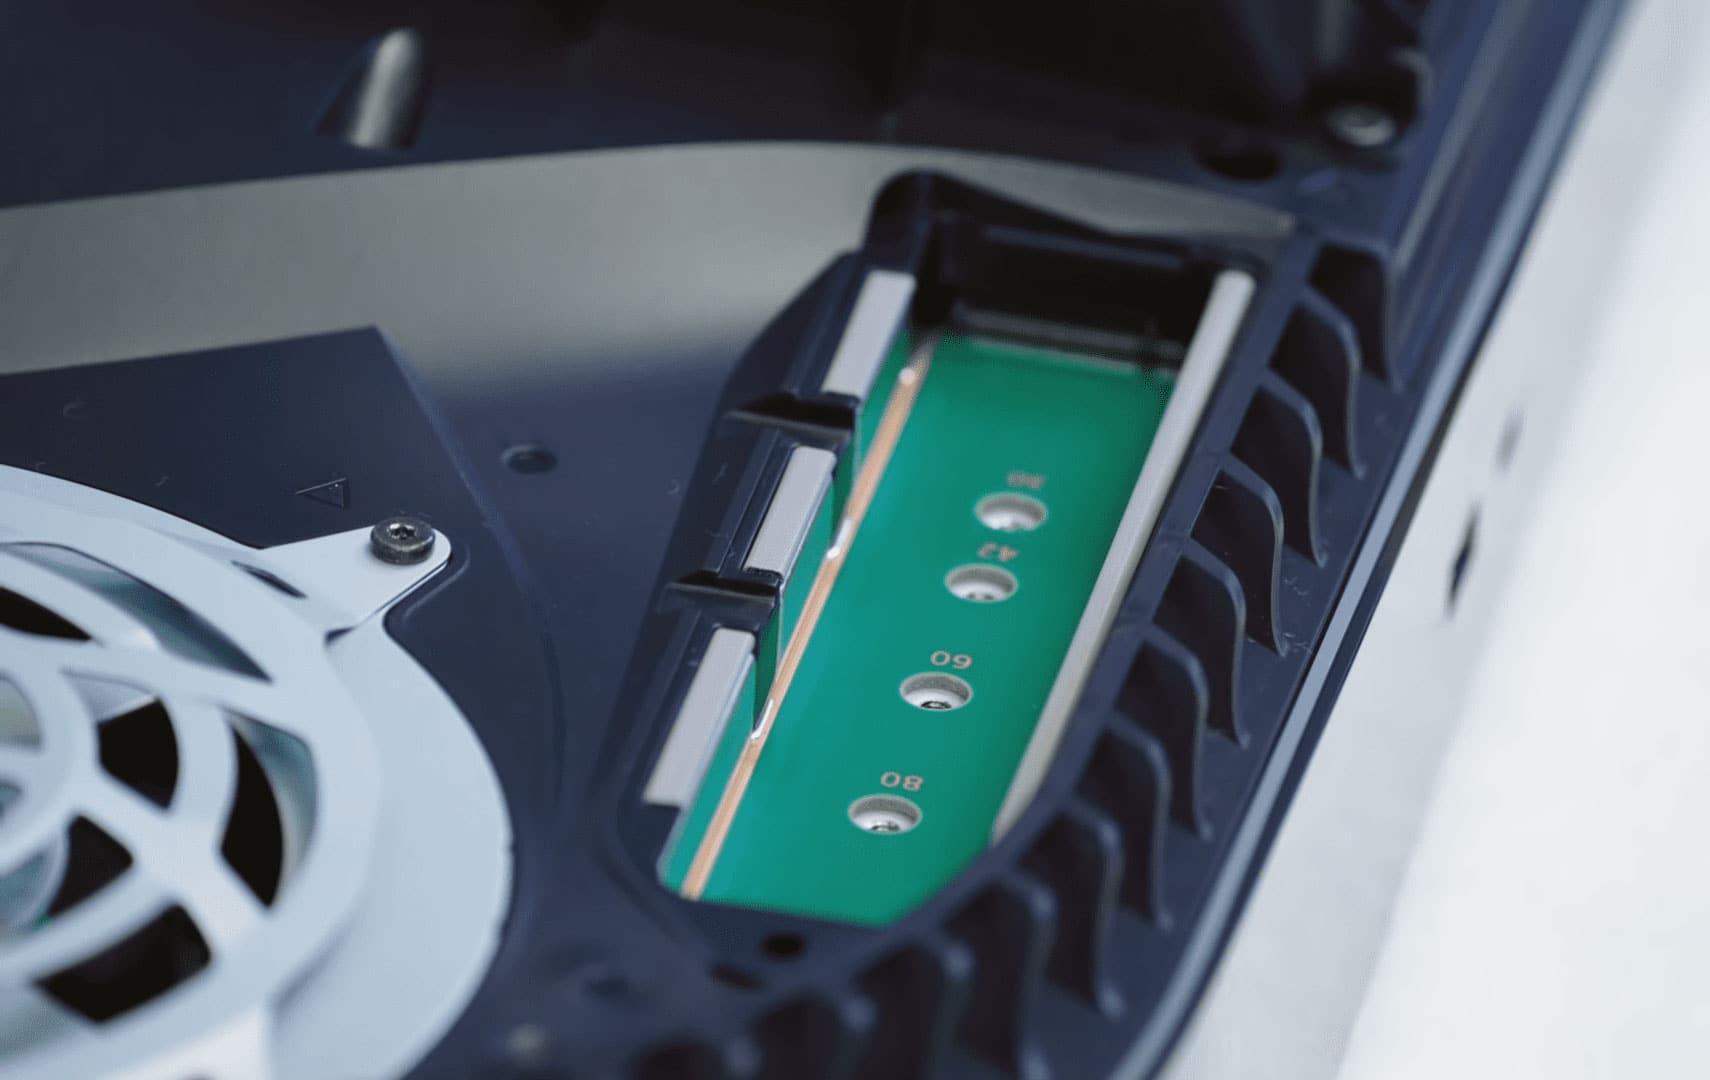 SSD-Erweiterung-der-PlayStation-5-soll-im-Sommer-2021-freigeschaltet-werden